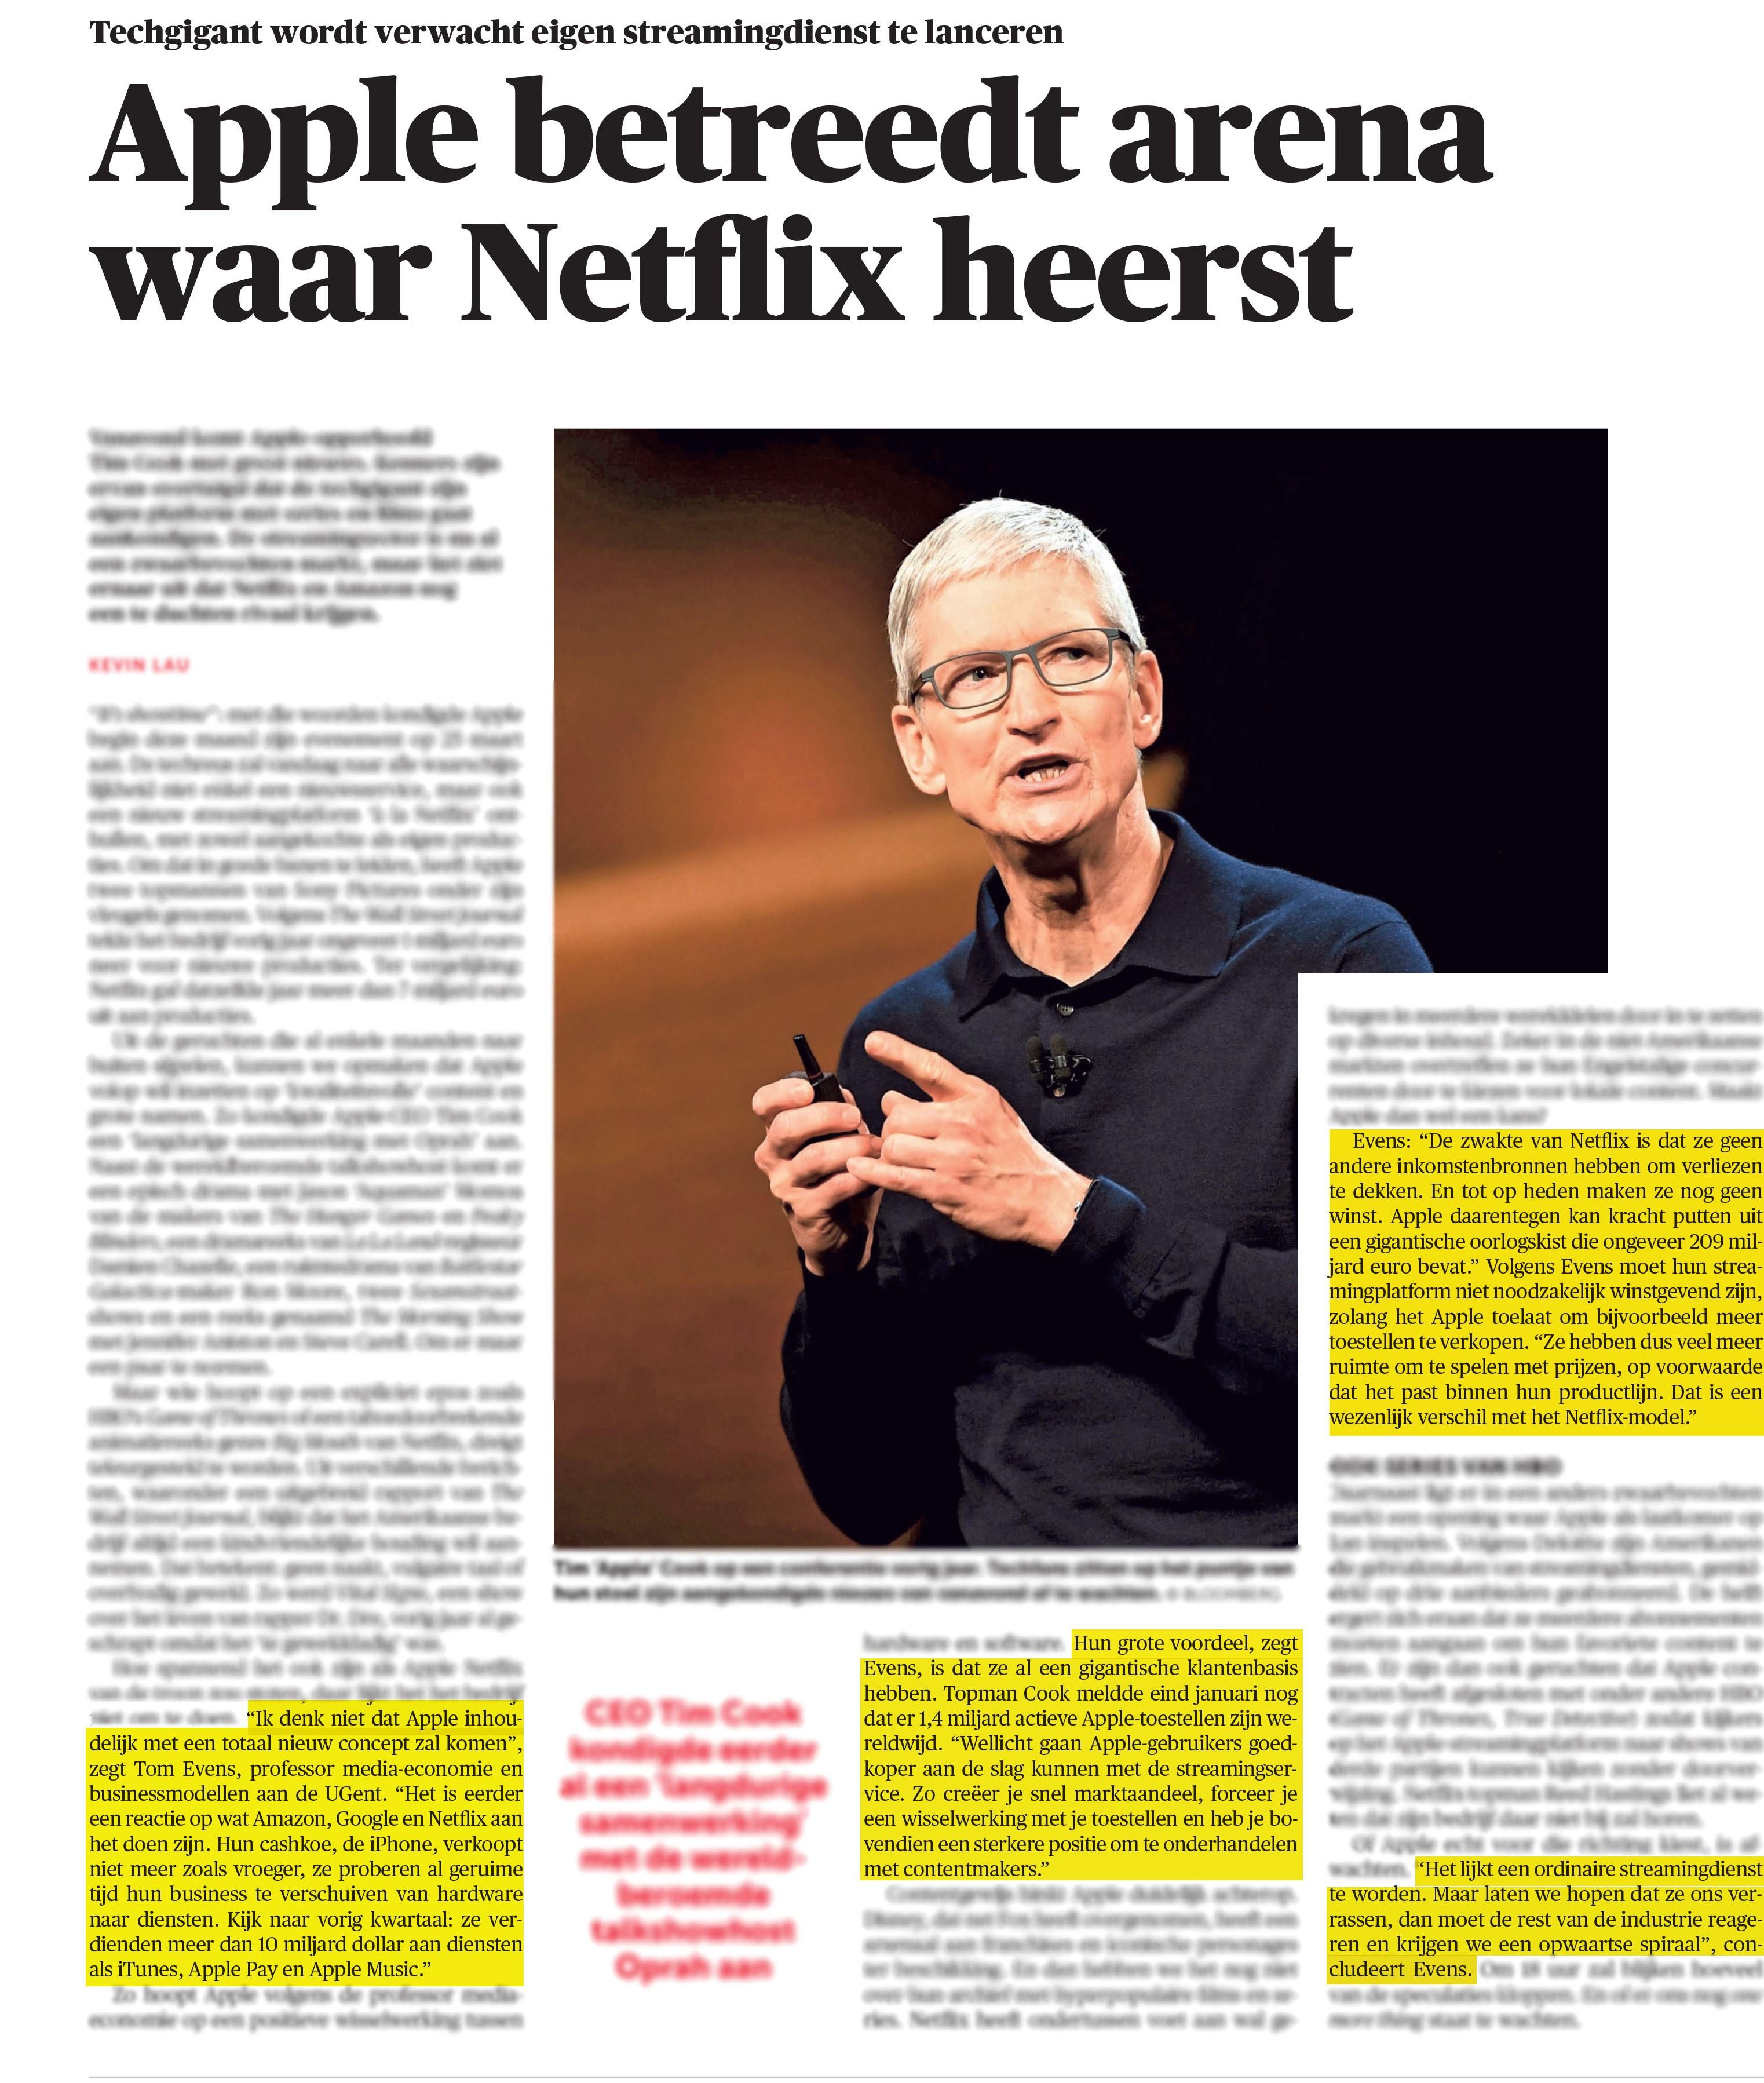 BRON: 25/03/2019, De Morgen, p. 6